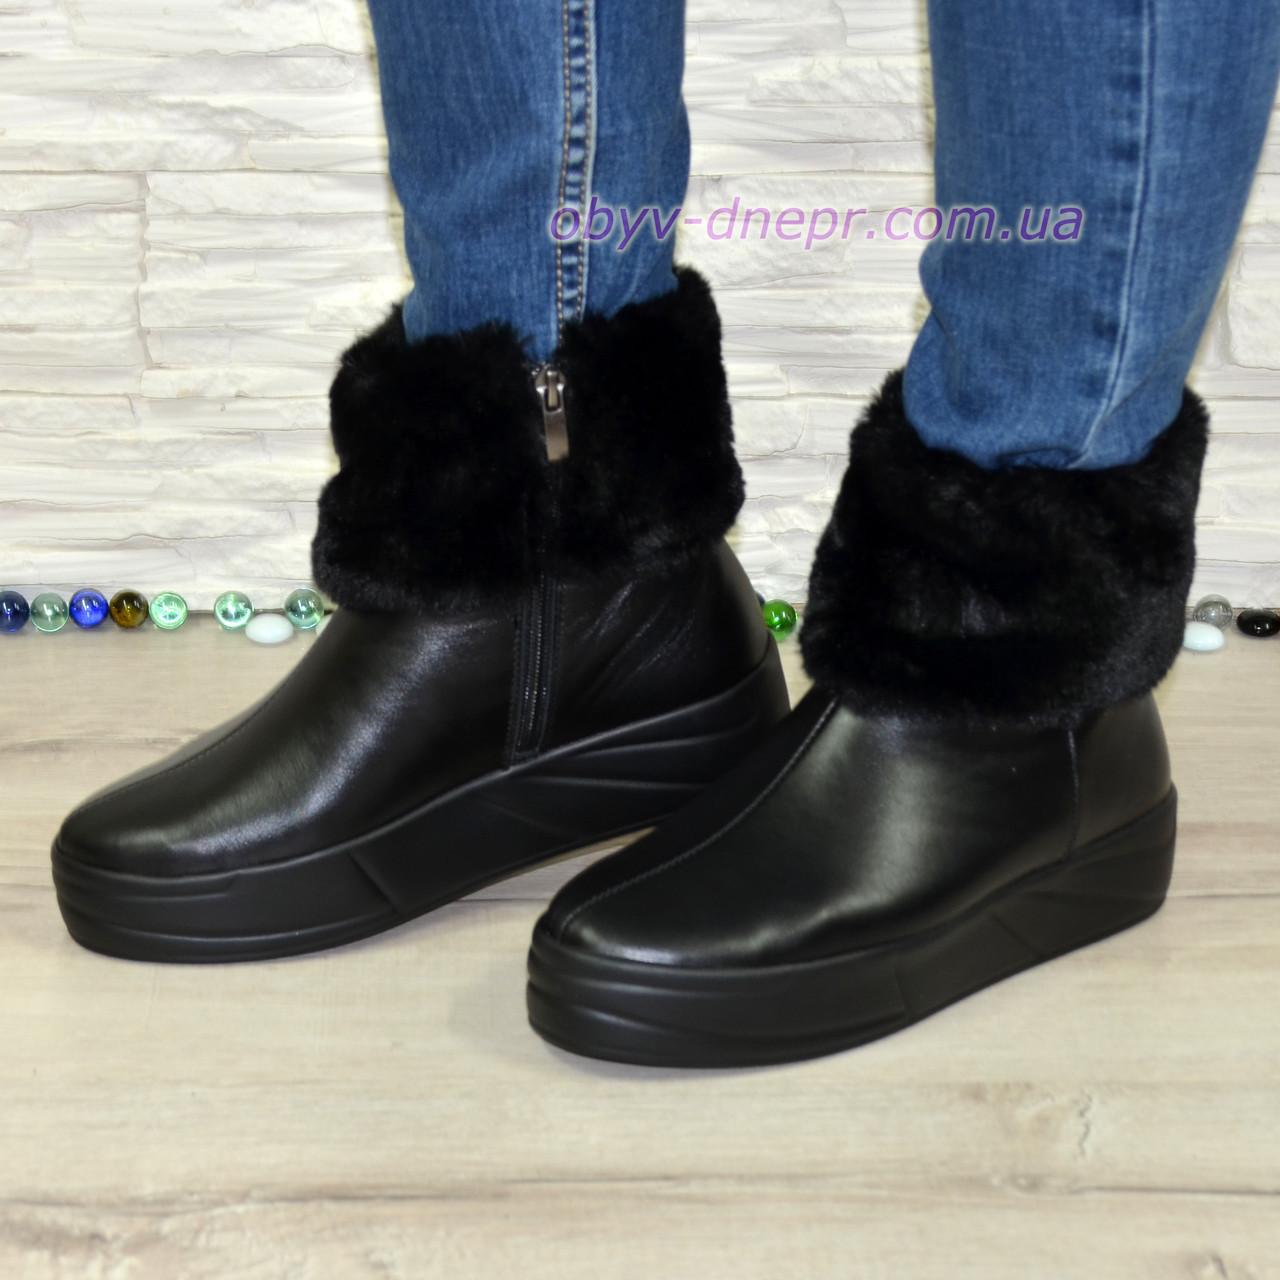 63569d542 Демисезонные женские кожаные ботинки на утолщенной подошве, декорированы  мехом. 37 размер. - Интернет